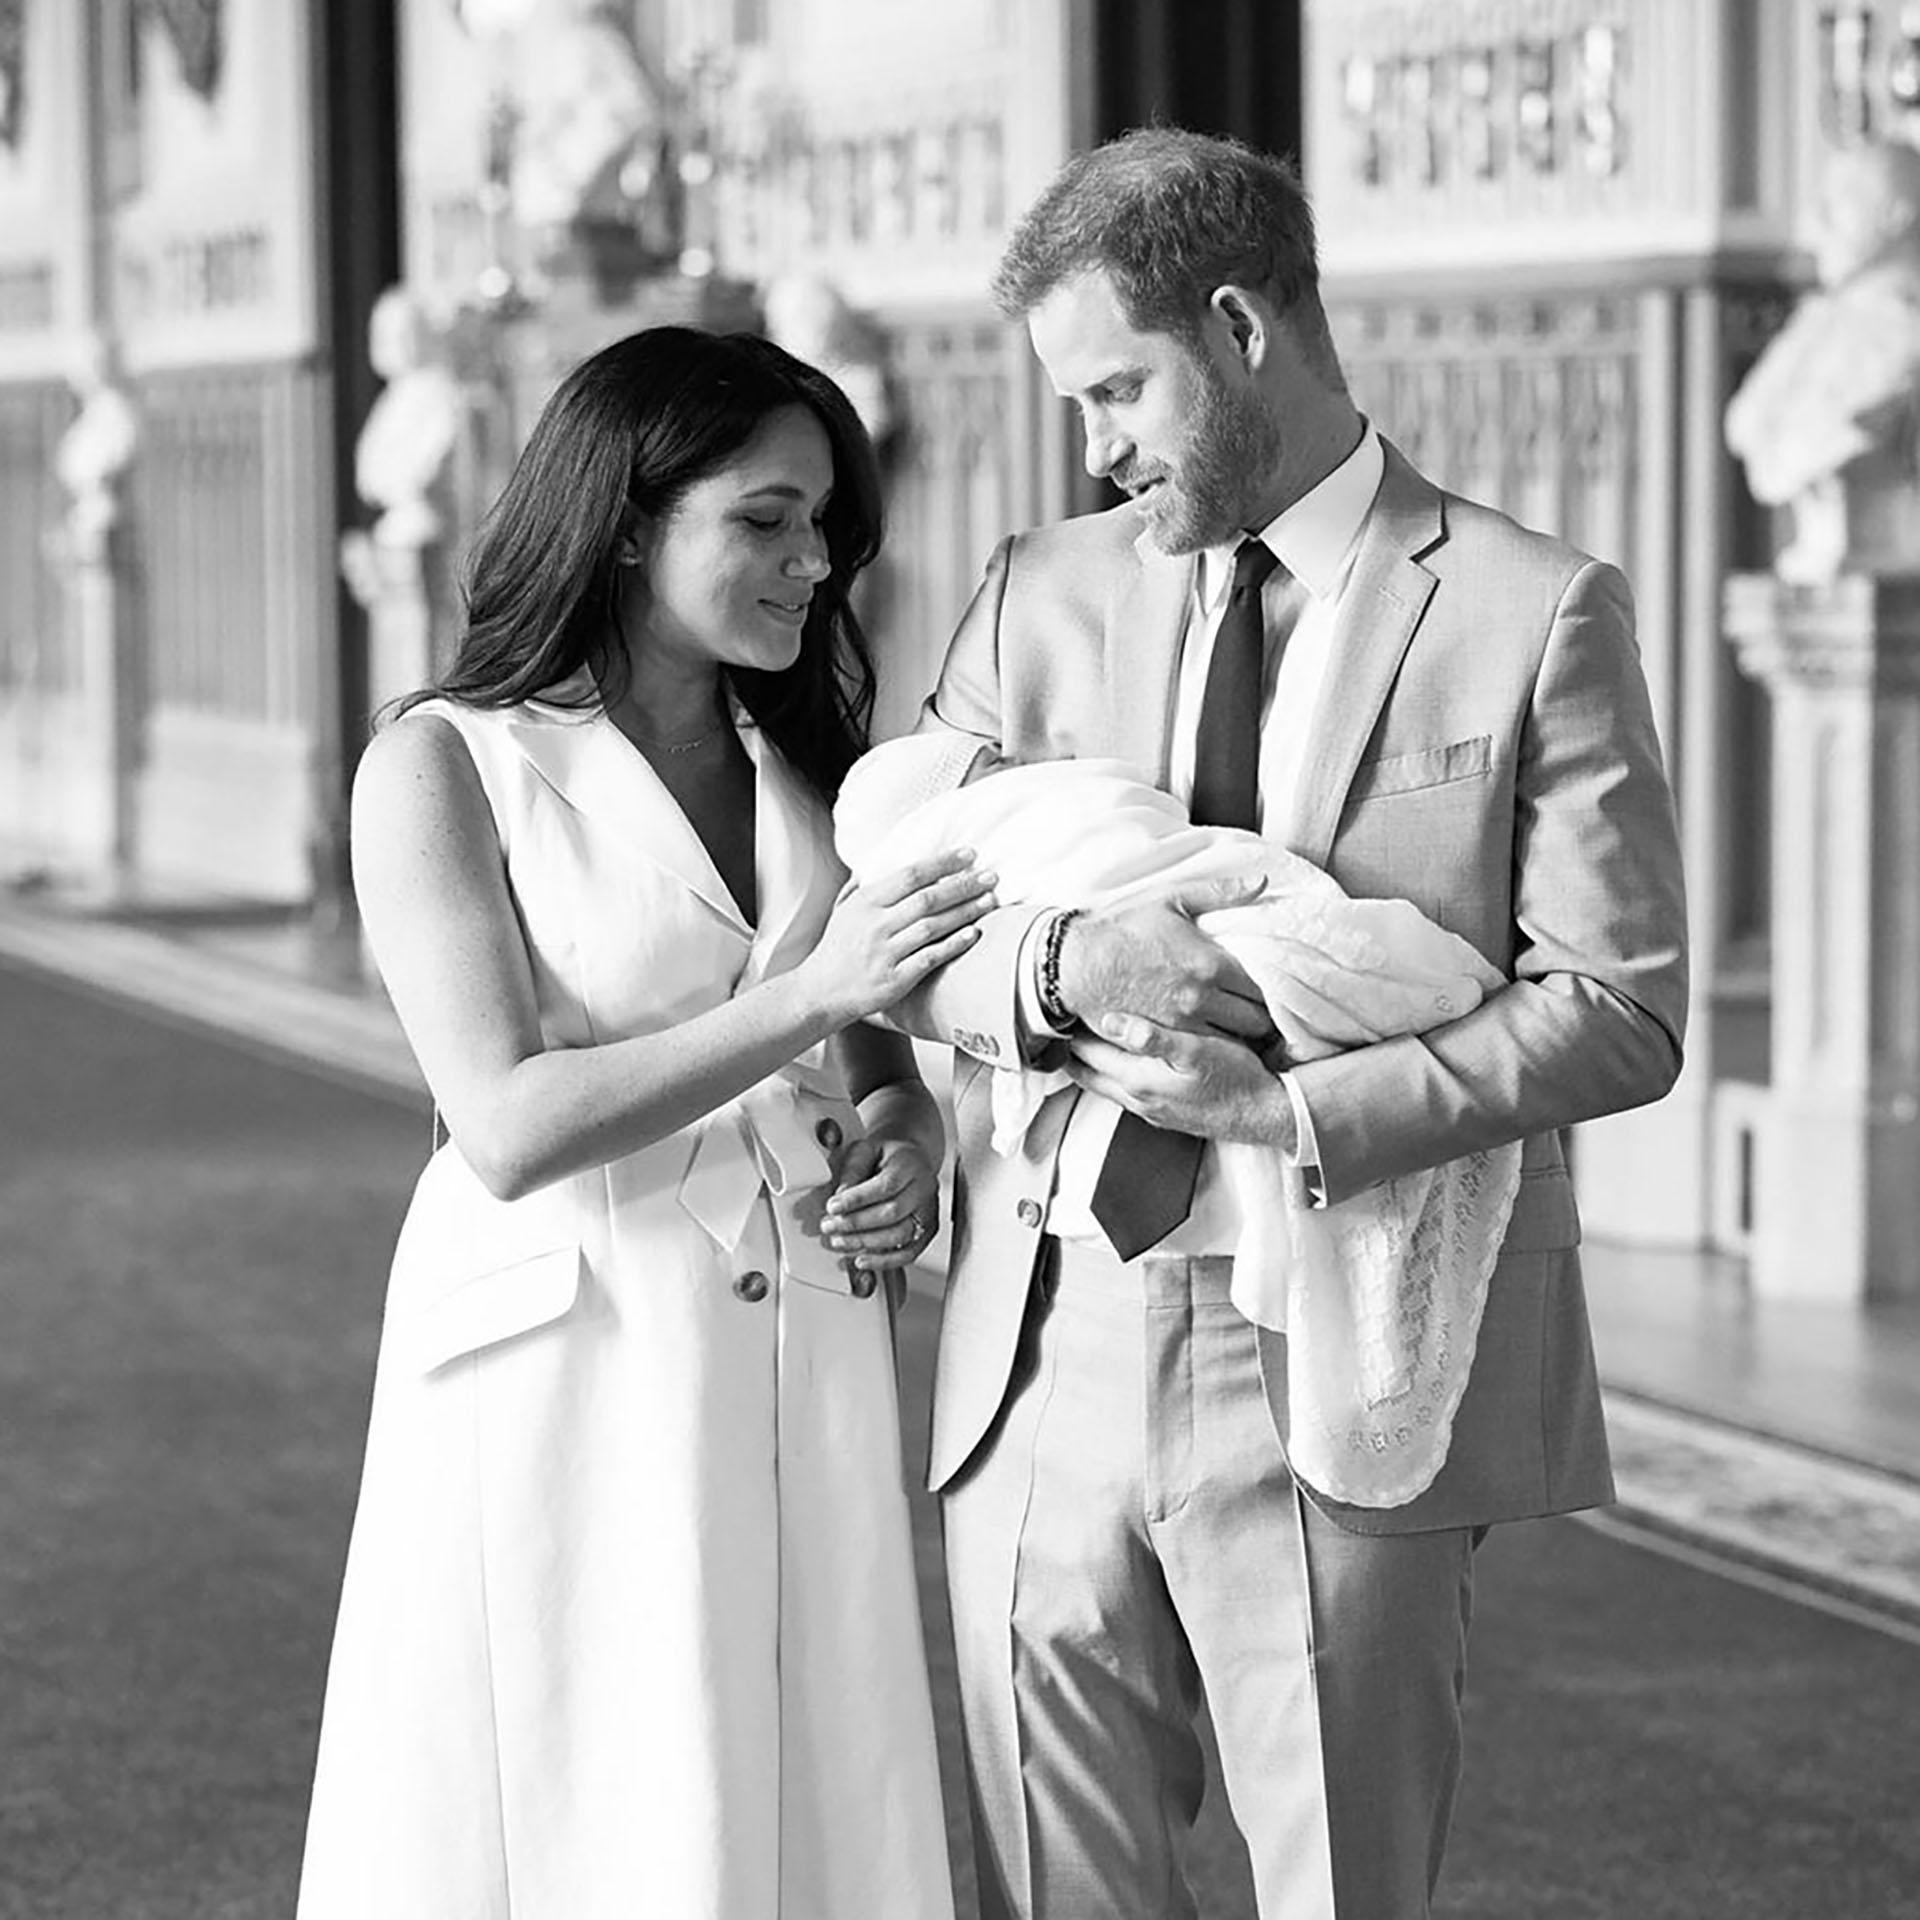 Meghan Markle y Harry con su bebé, de quien aún se desconoce el nombre